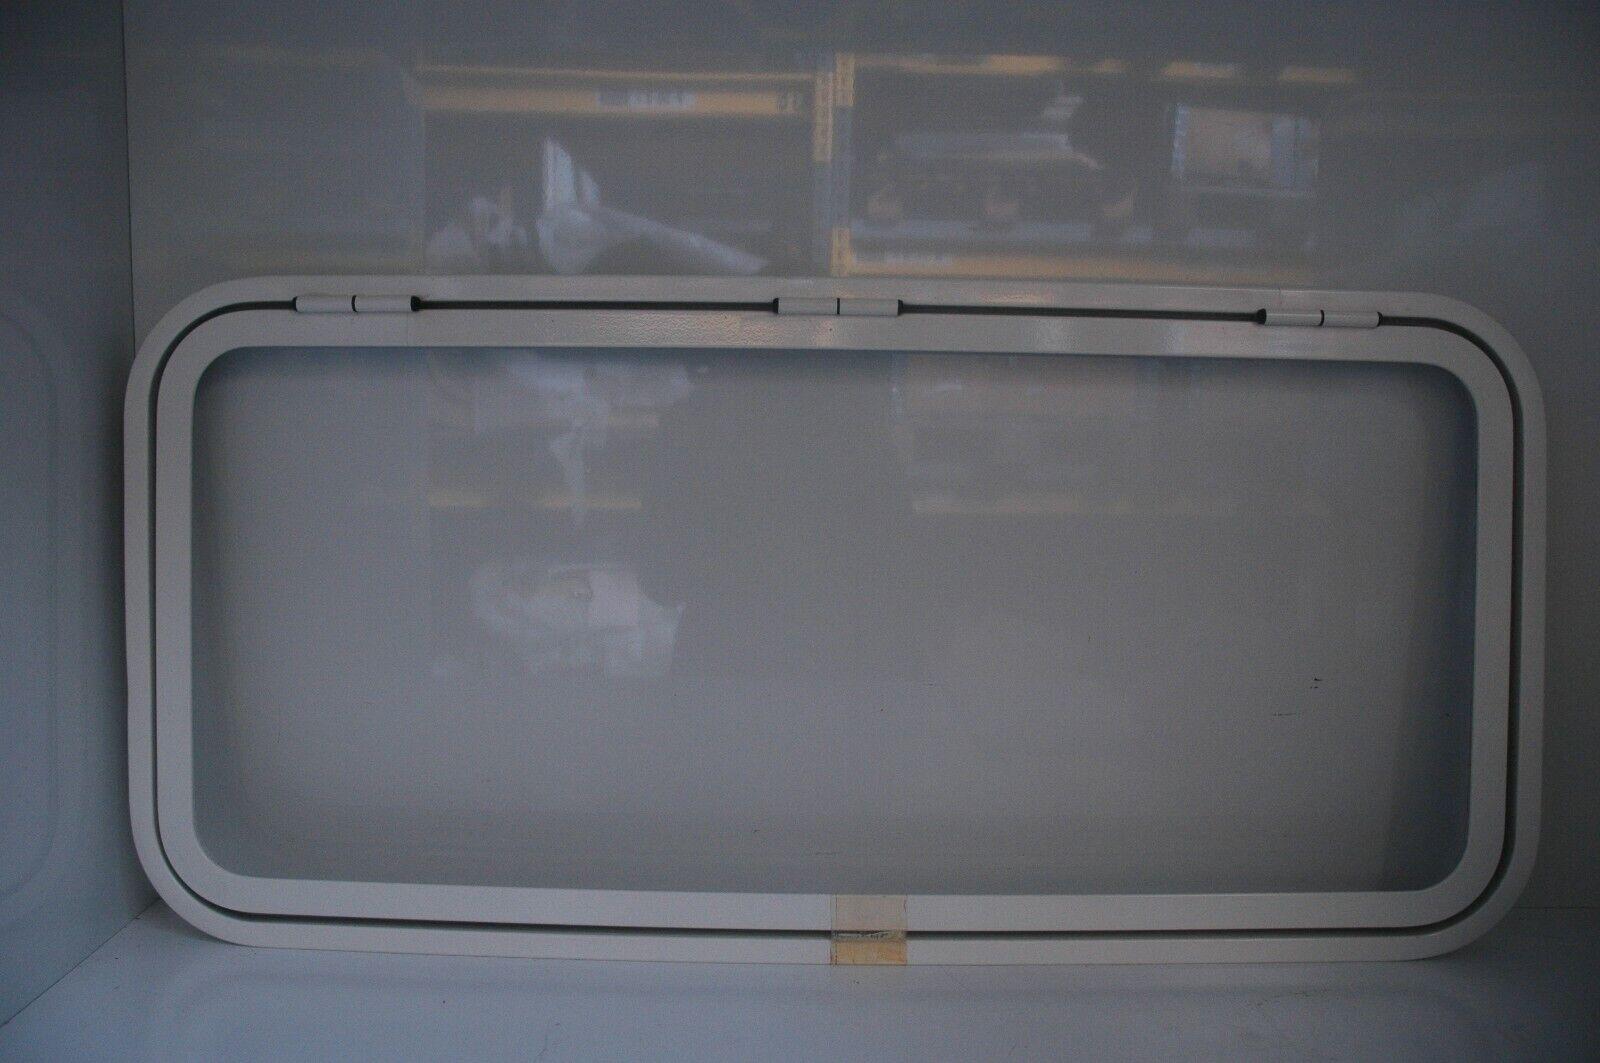 Klappenrahmen Serviceklappe 1000x460 mm weiß mit Dichtung